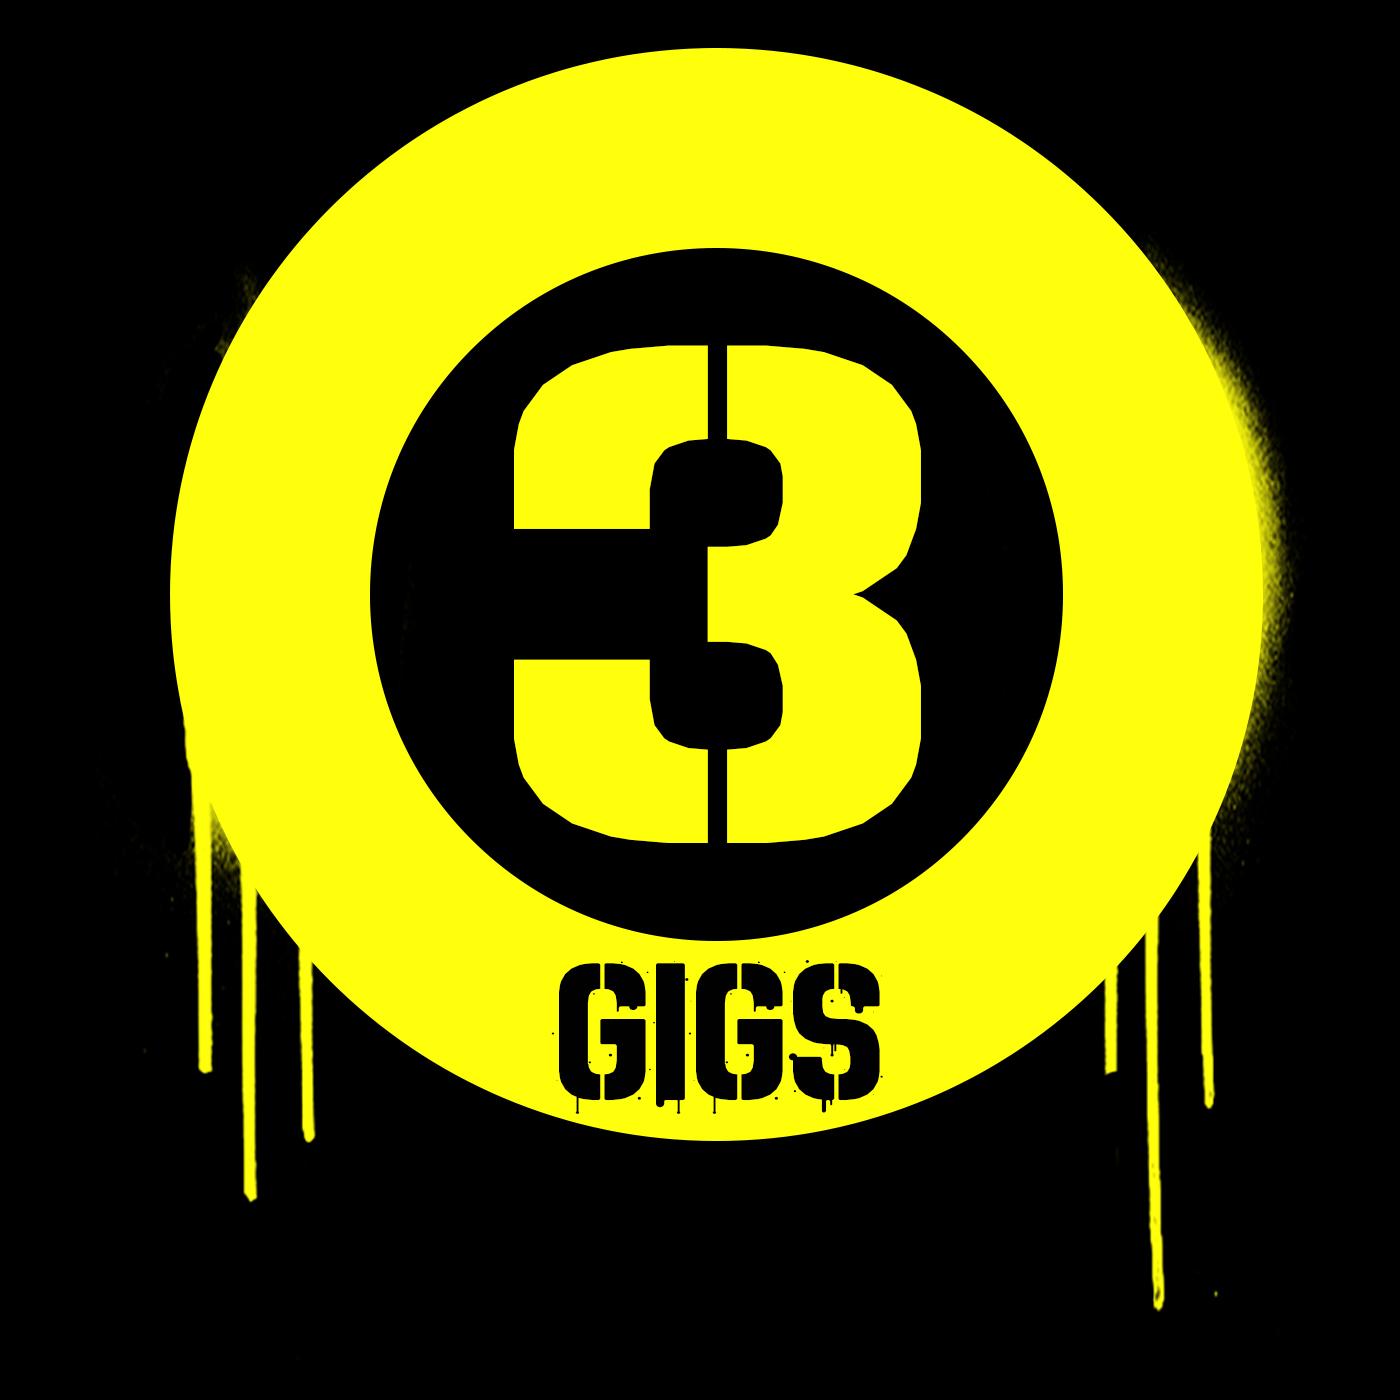 3 Gigs show art